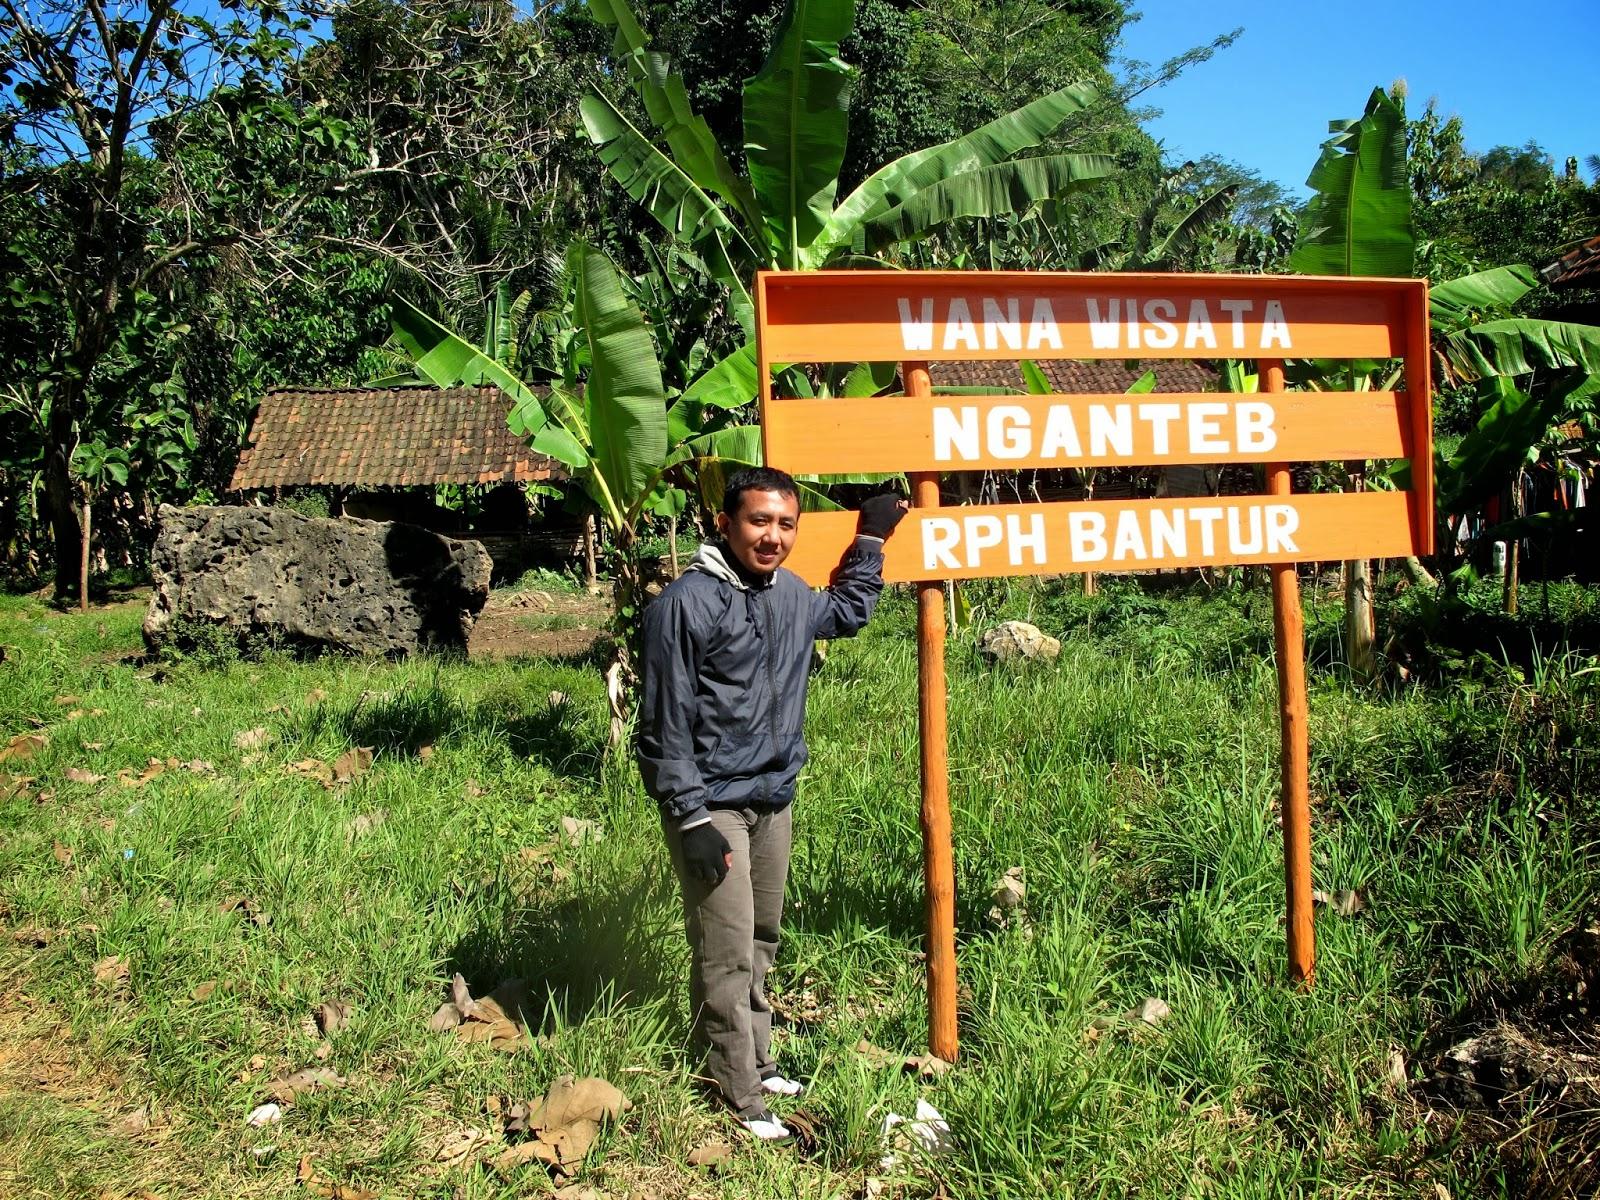 Pantai Ngantep Malang Haya Zone